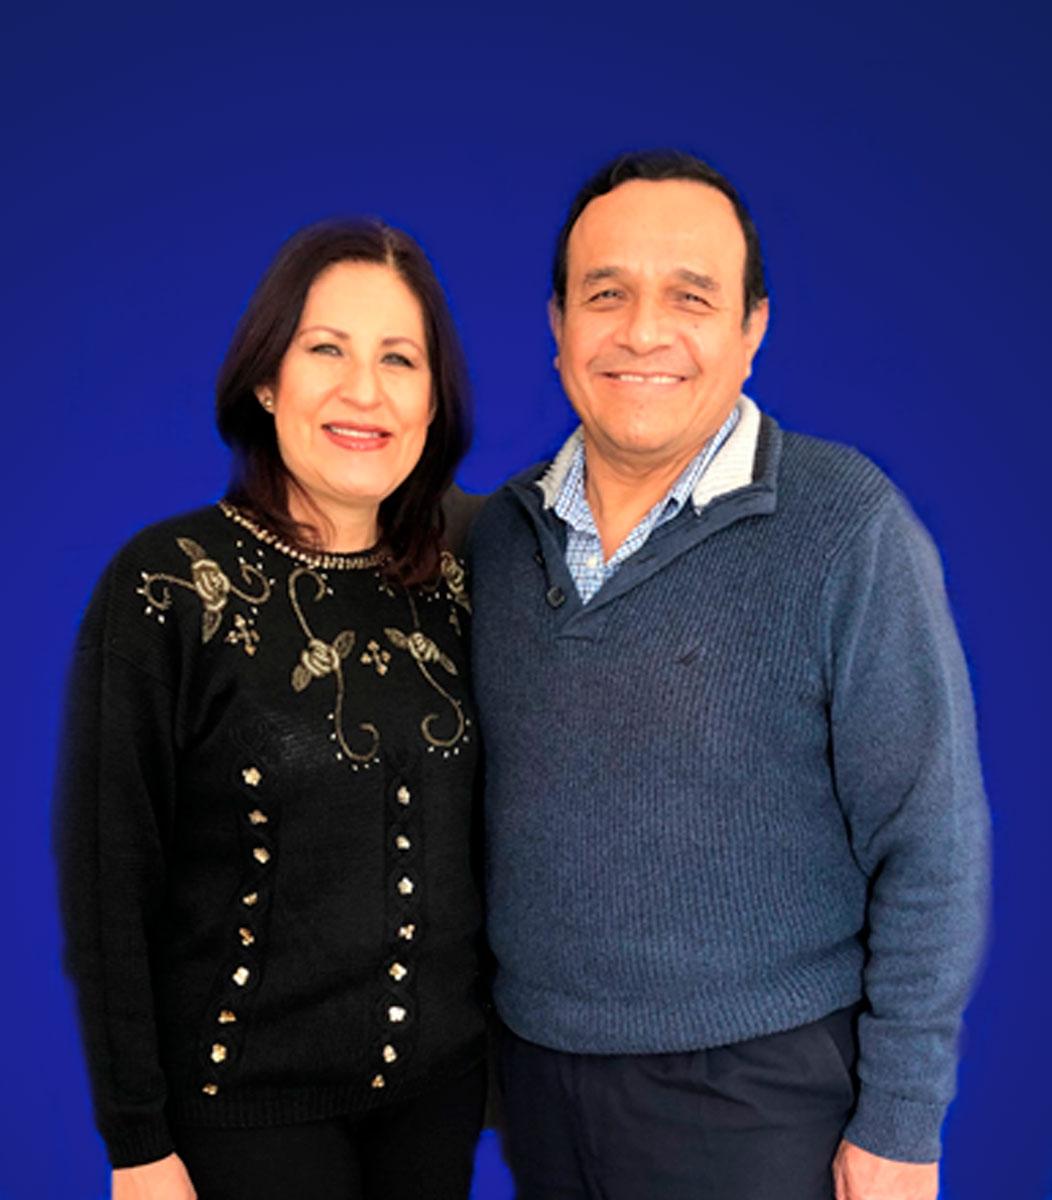 Antonio Badillo y Lulú Hurtado   Centro de Vida Cristiana